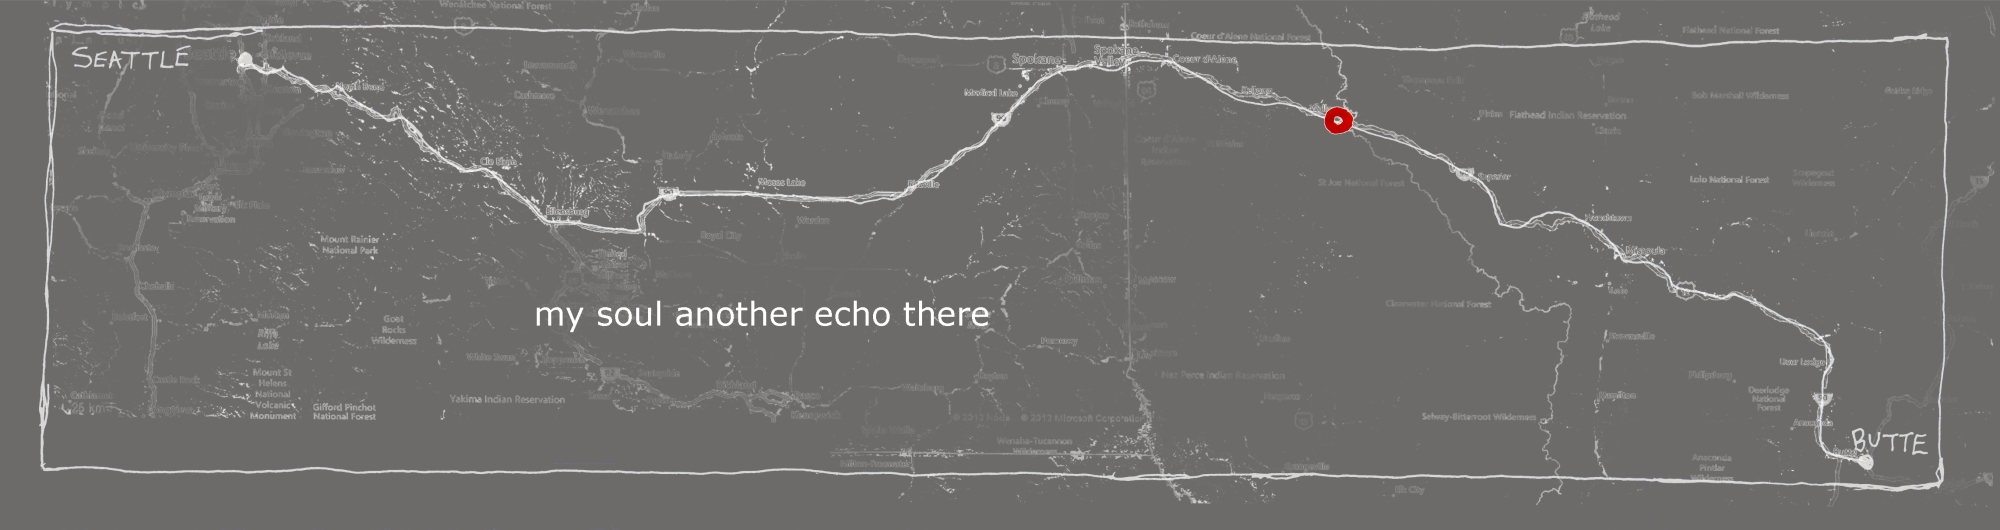 356 map